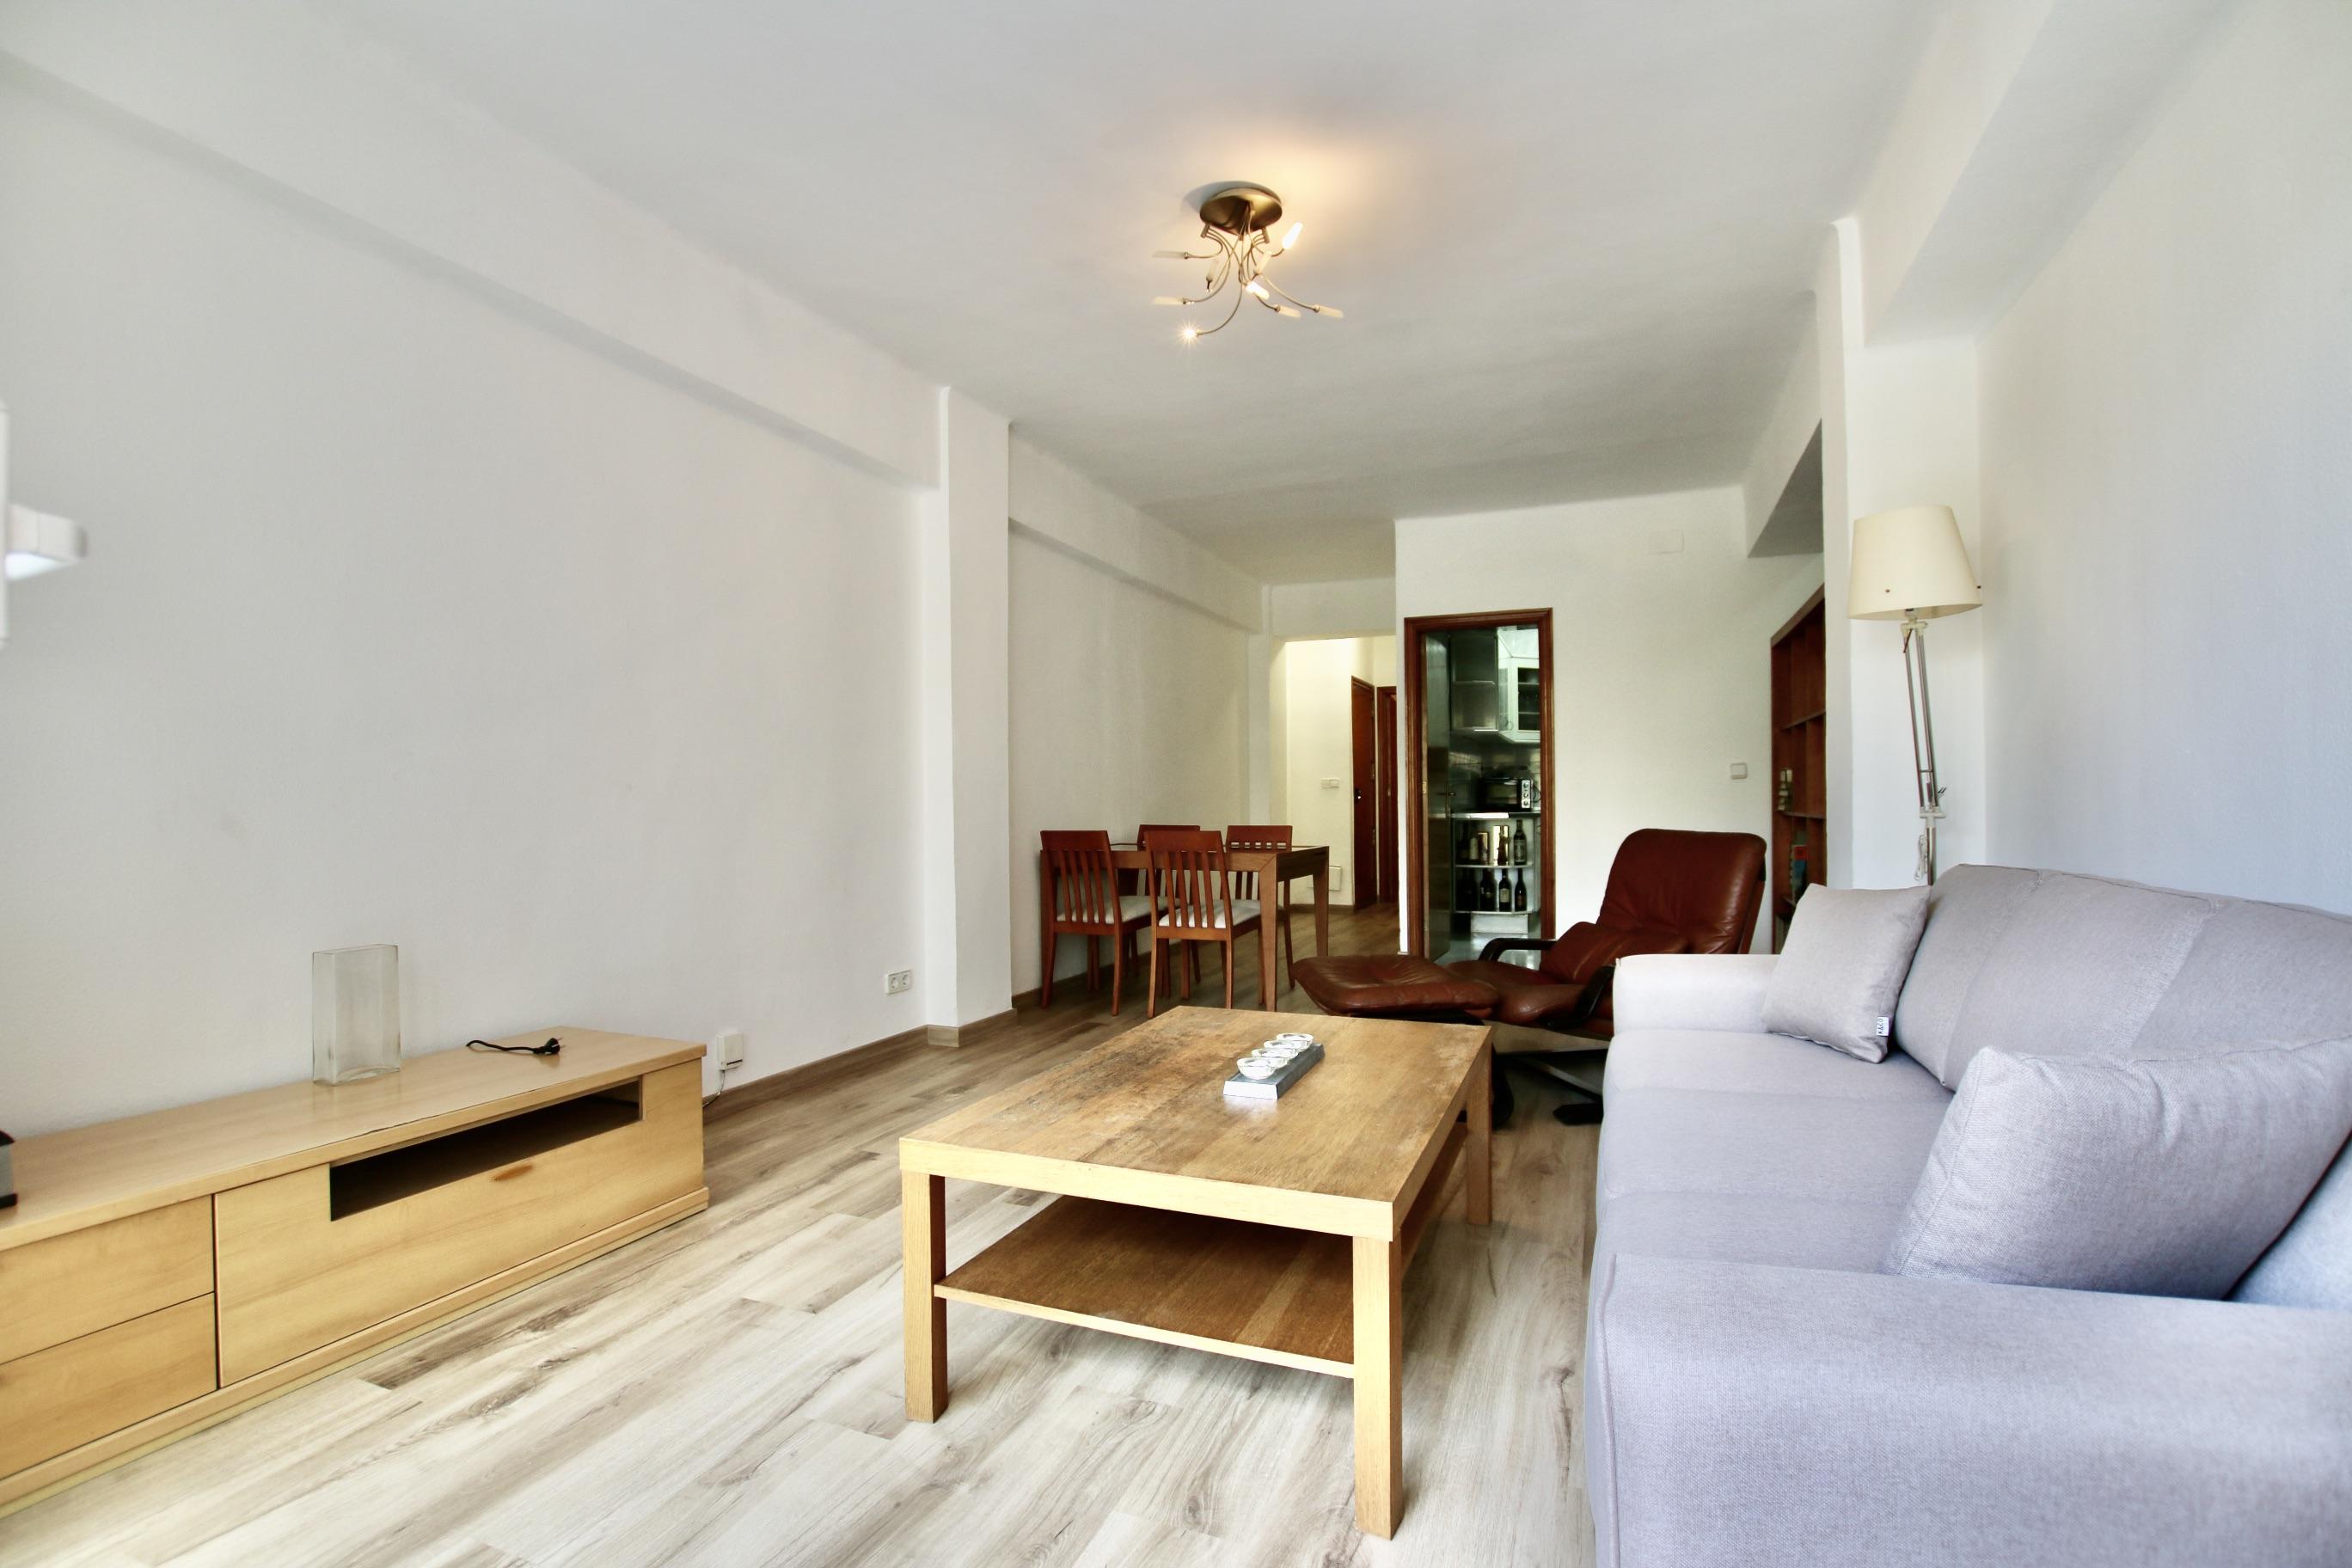 Nice 3 bedroom apartment in the Escorxador area @ Palma de Mallorca